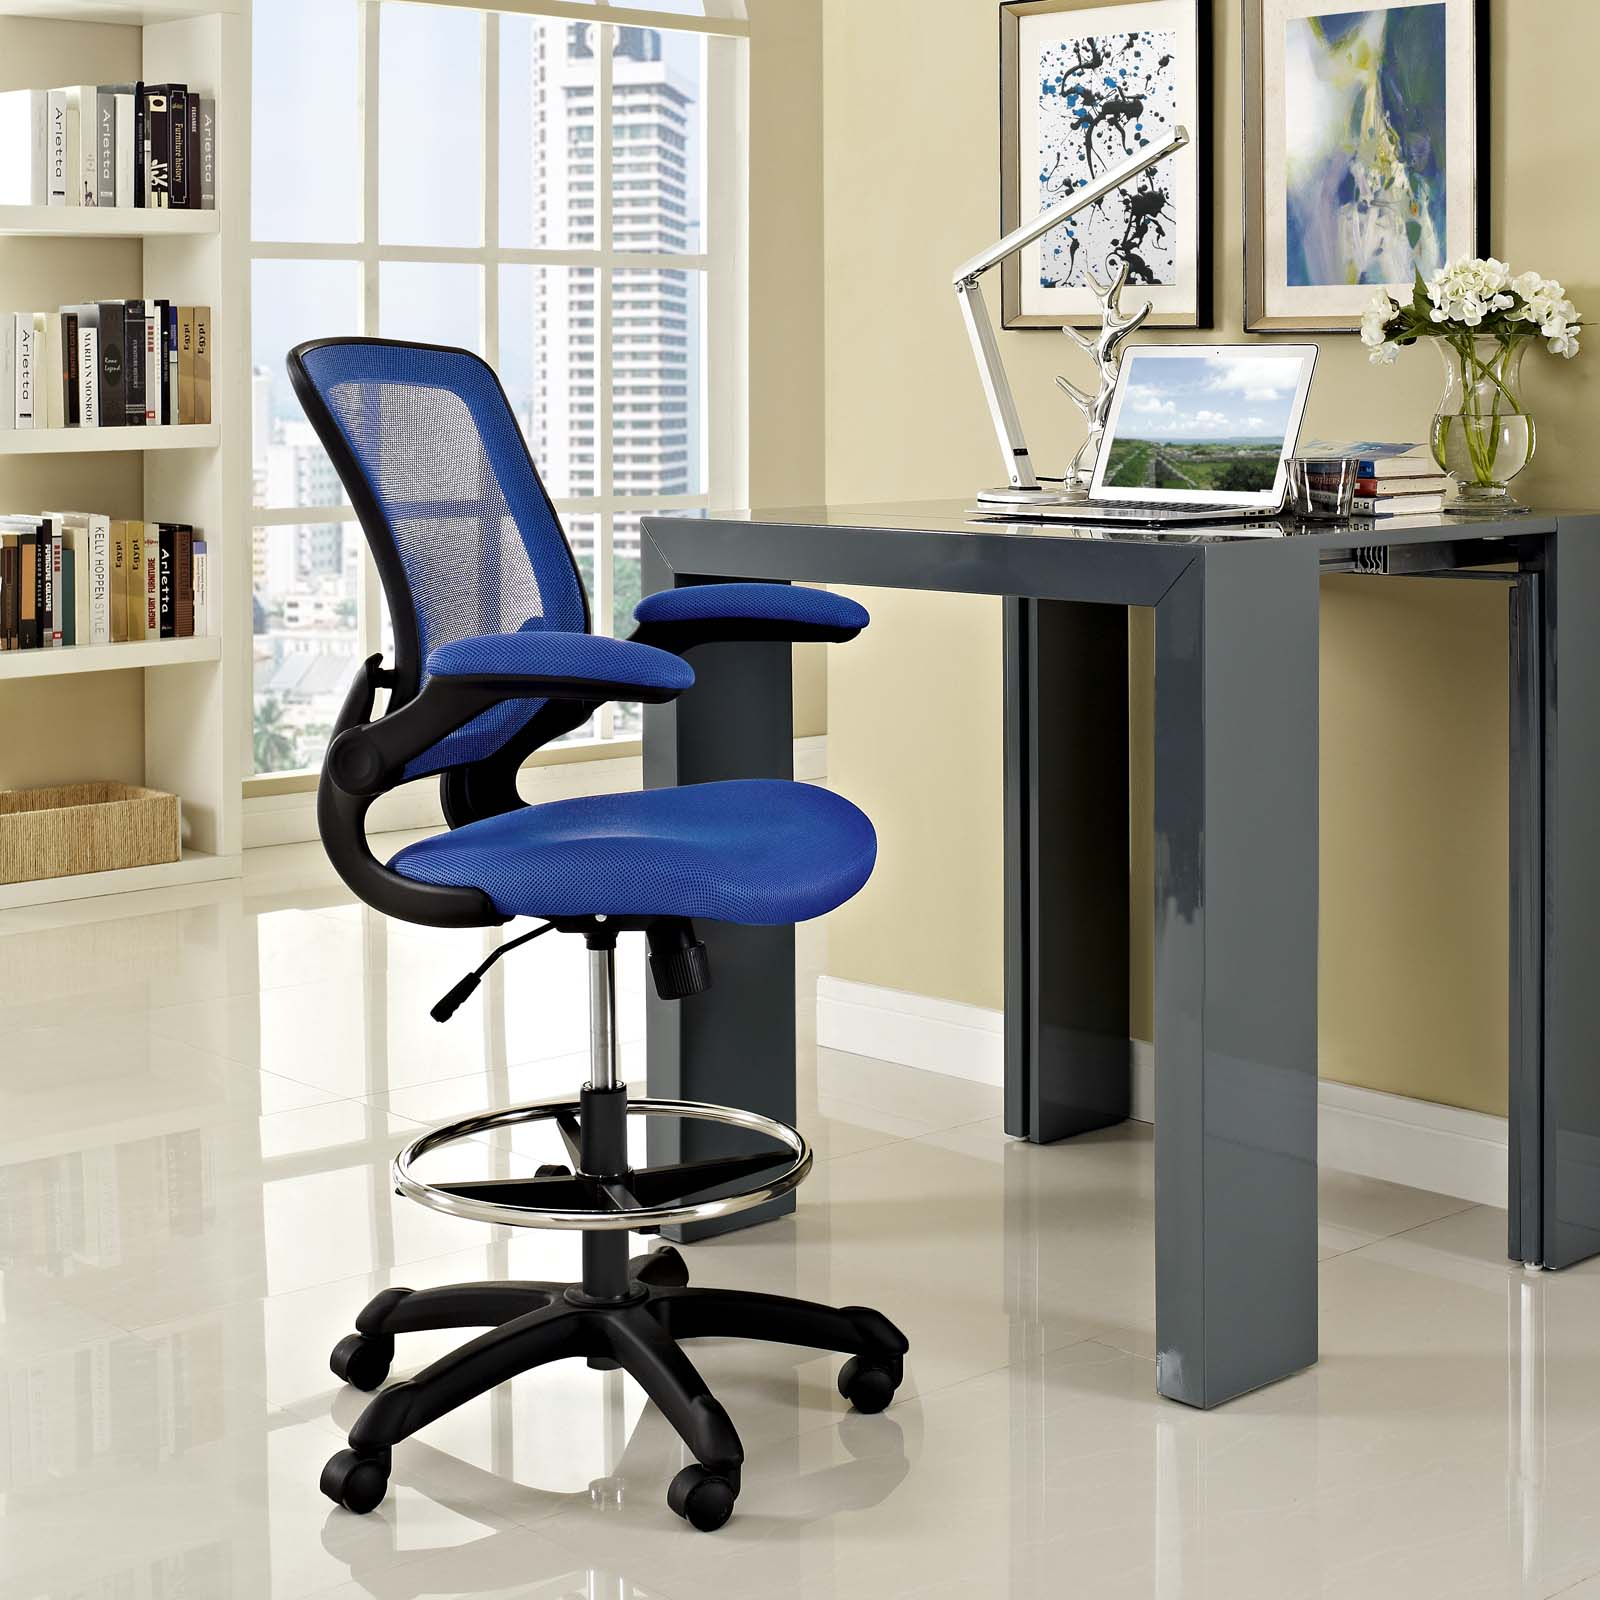 Veer Drafting Chair Blue